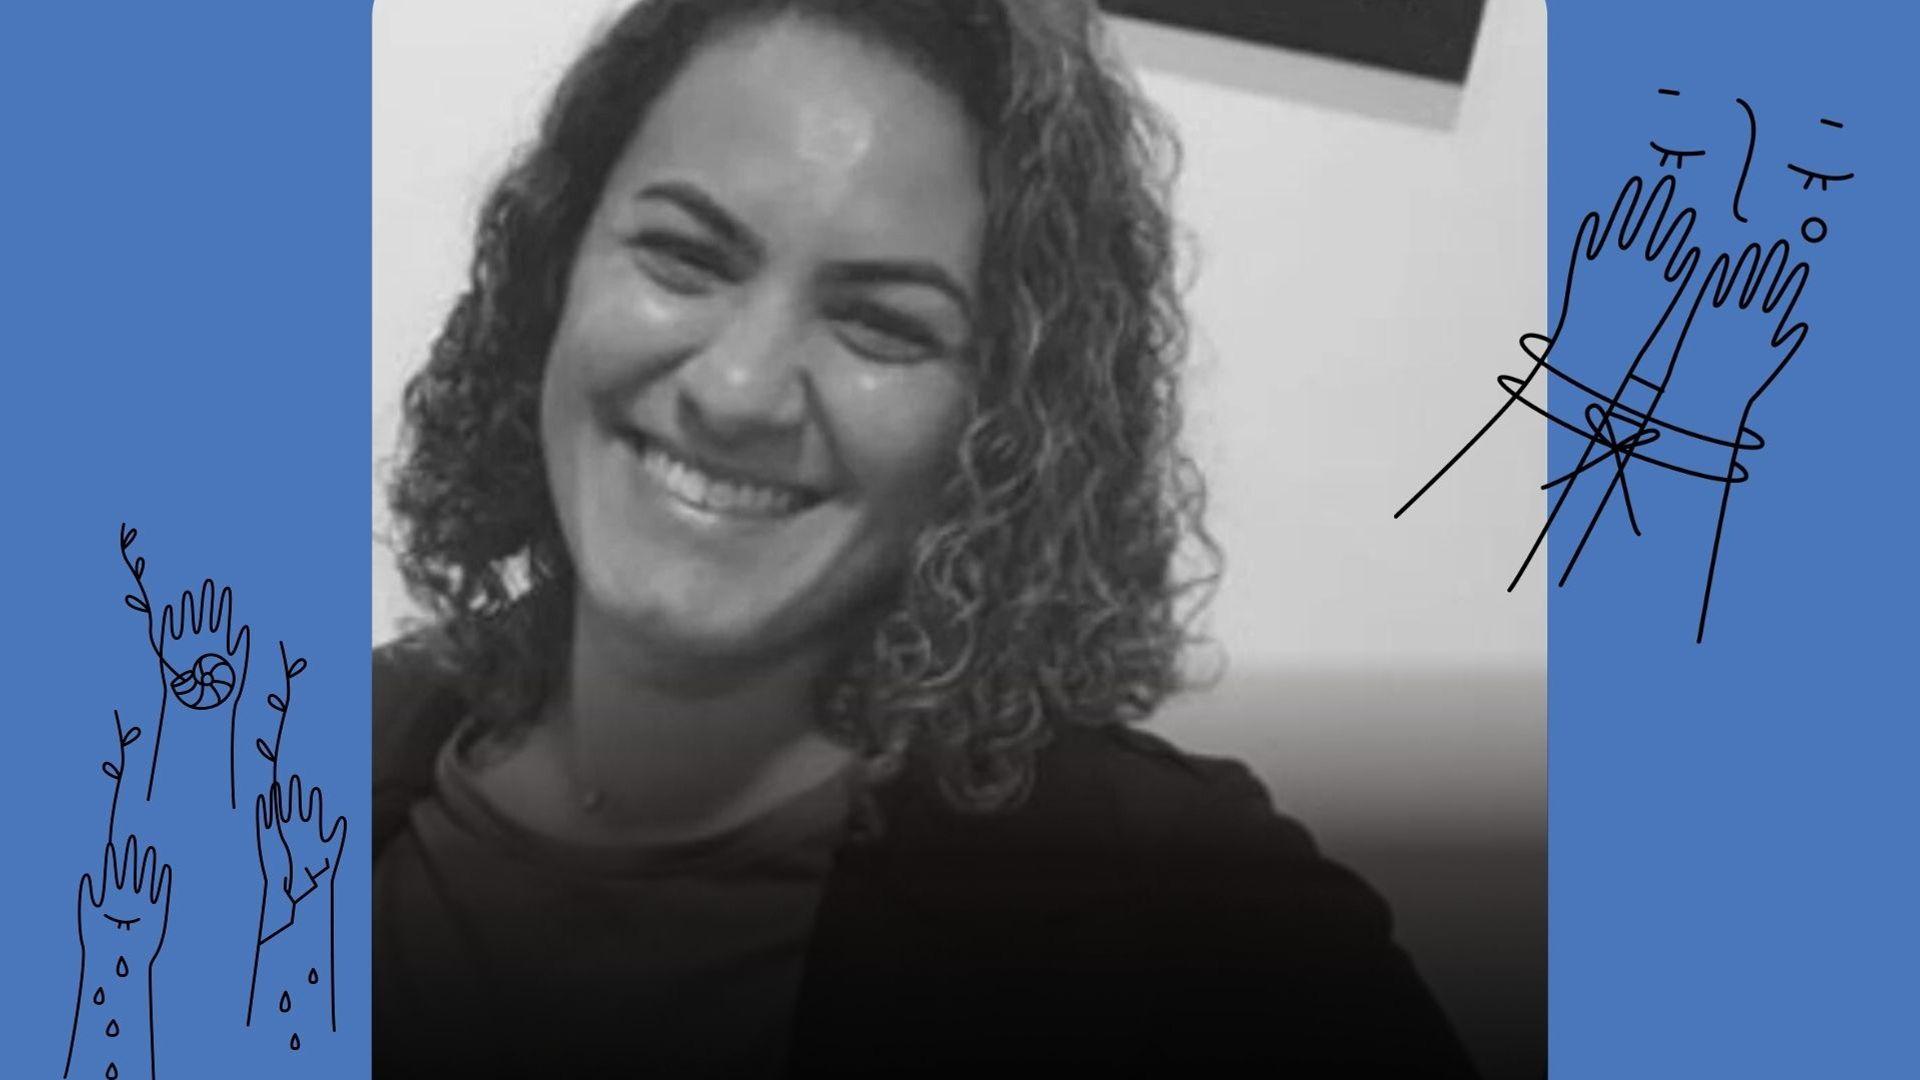 Giselly Thais Caçandro de Souza